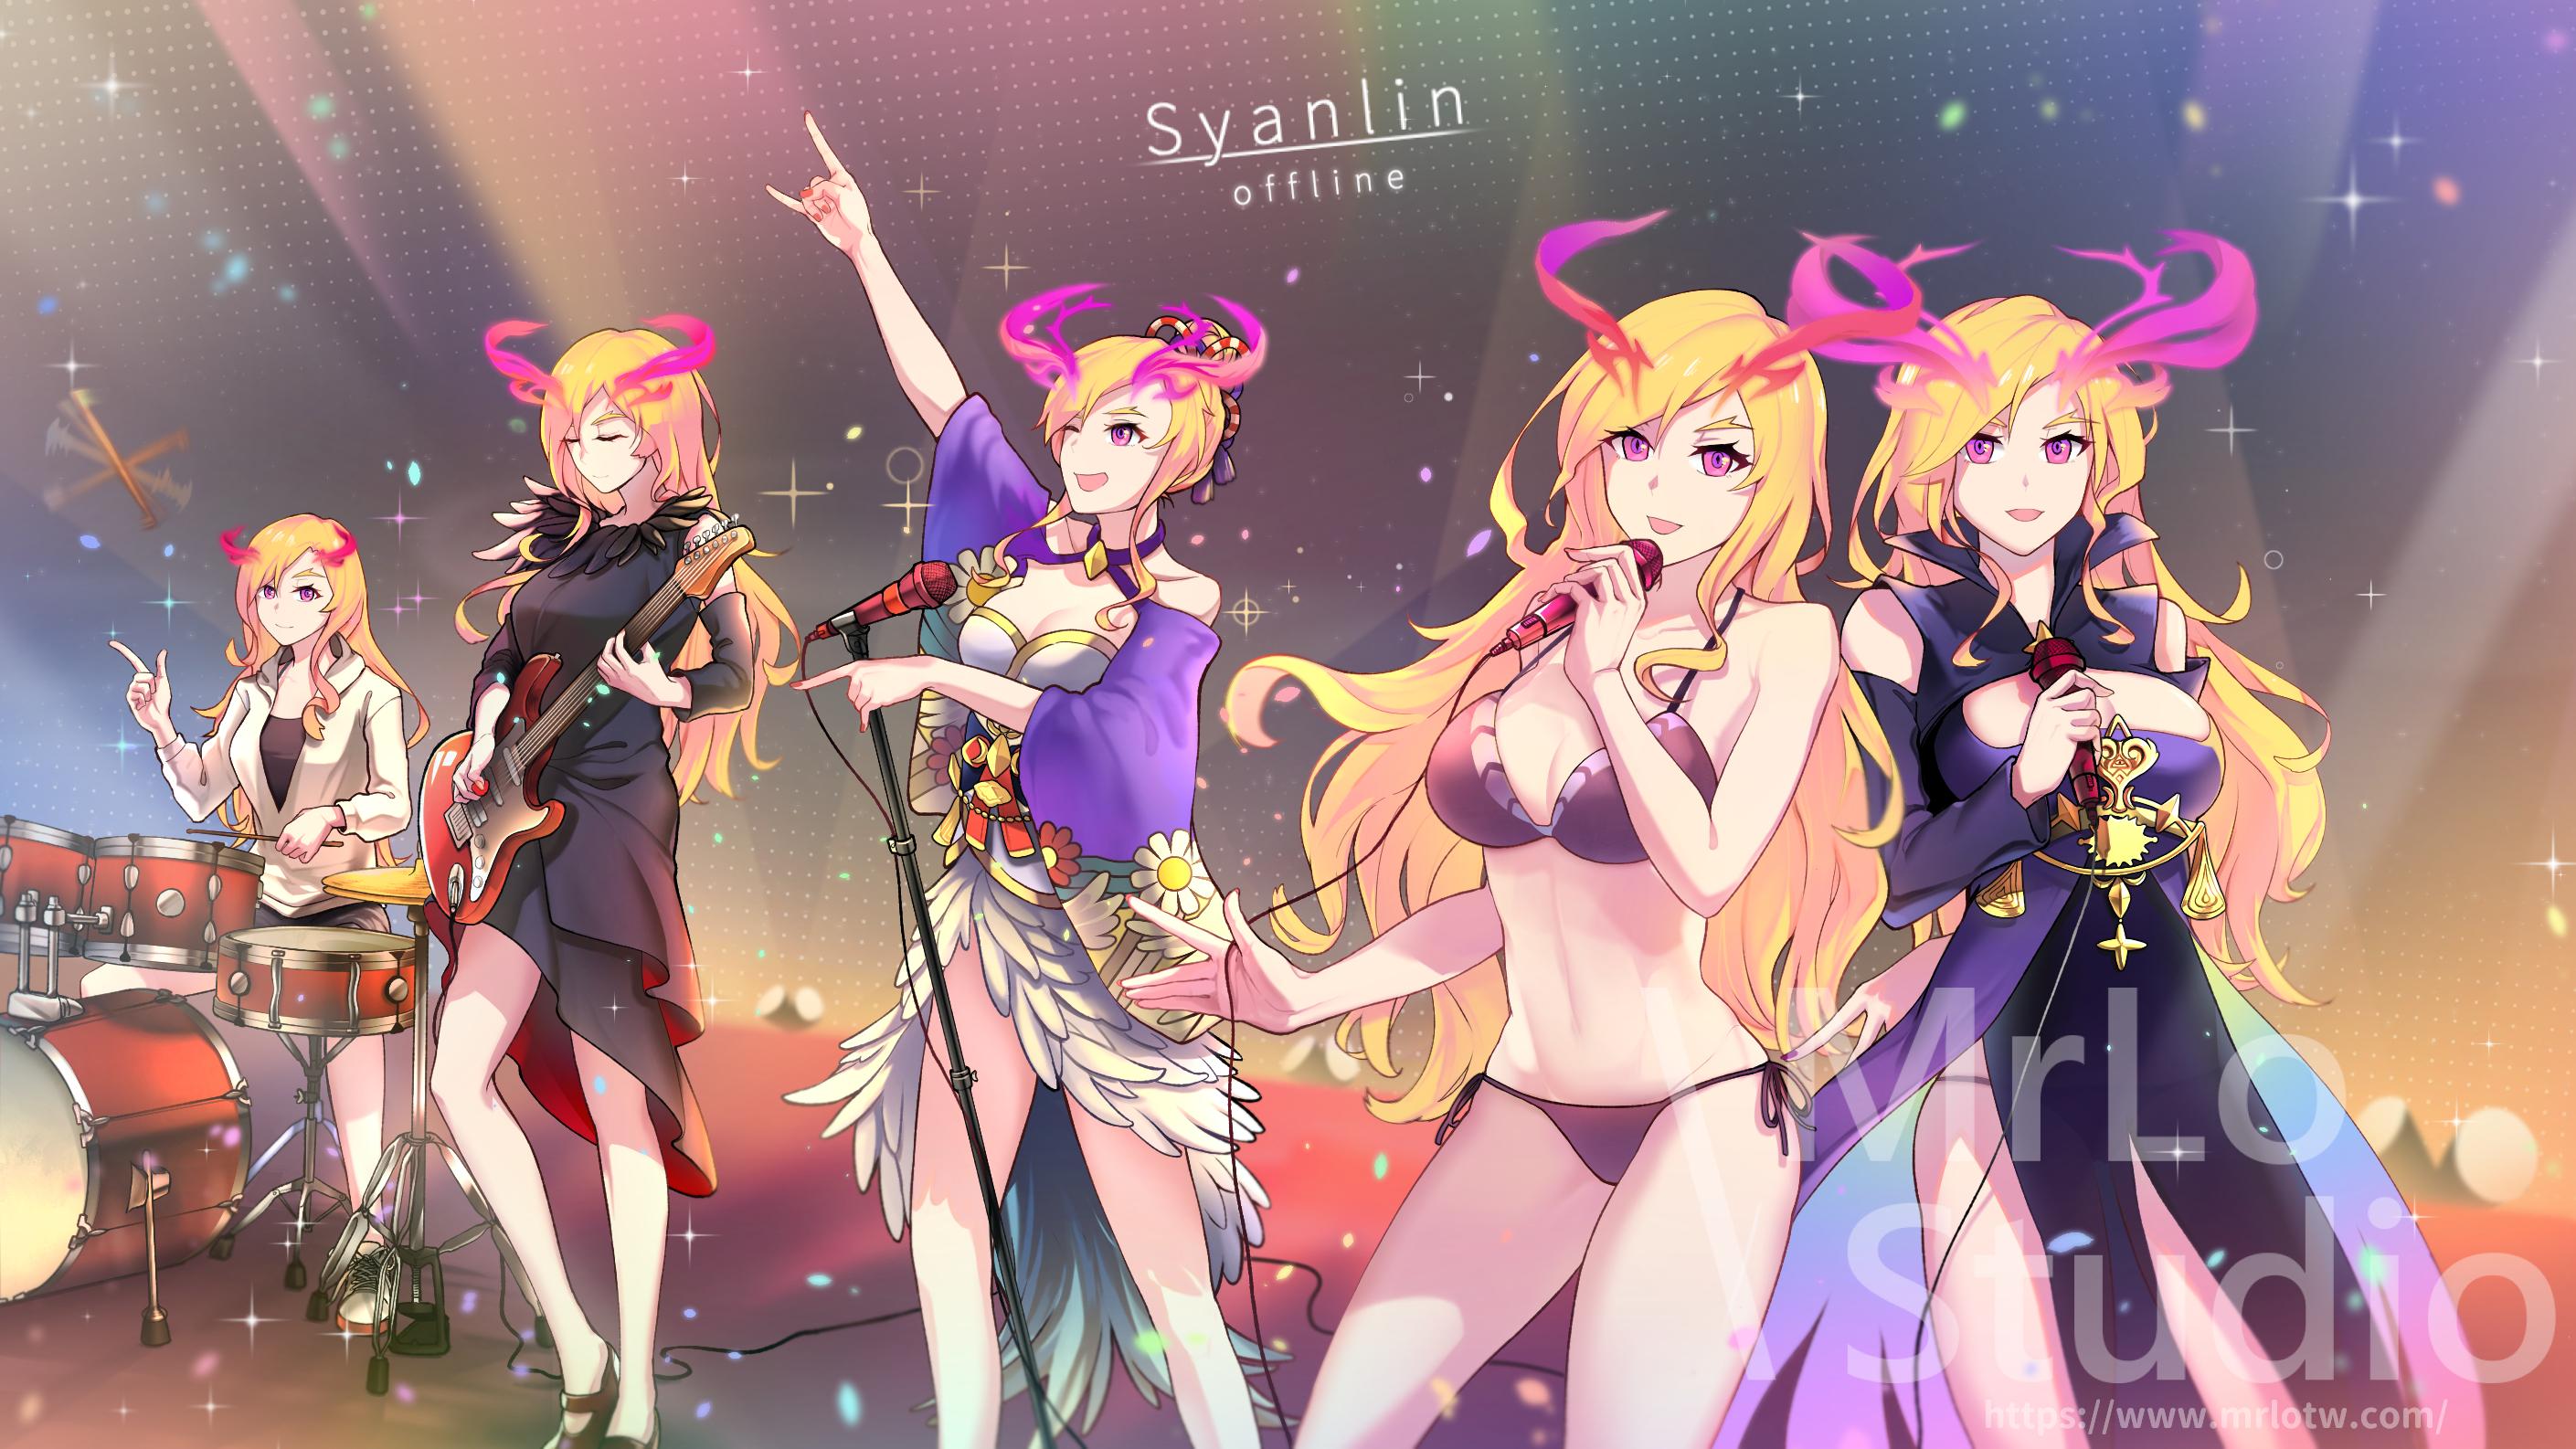 關台圖|委託人:Syanlin (無骨雞)